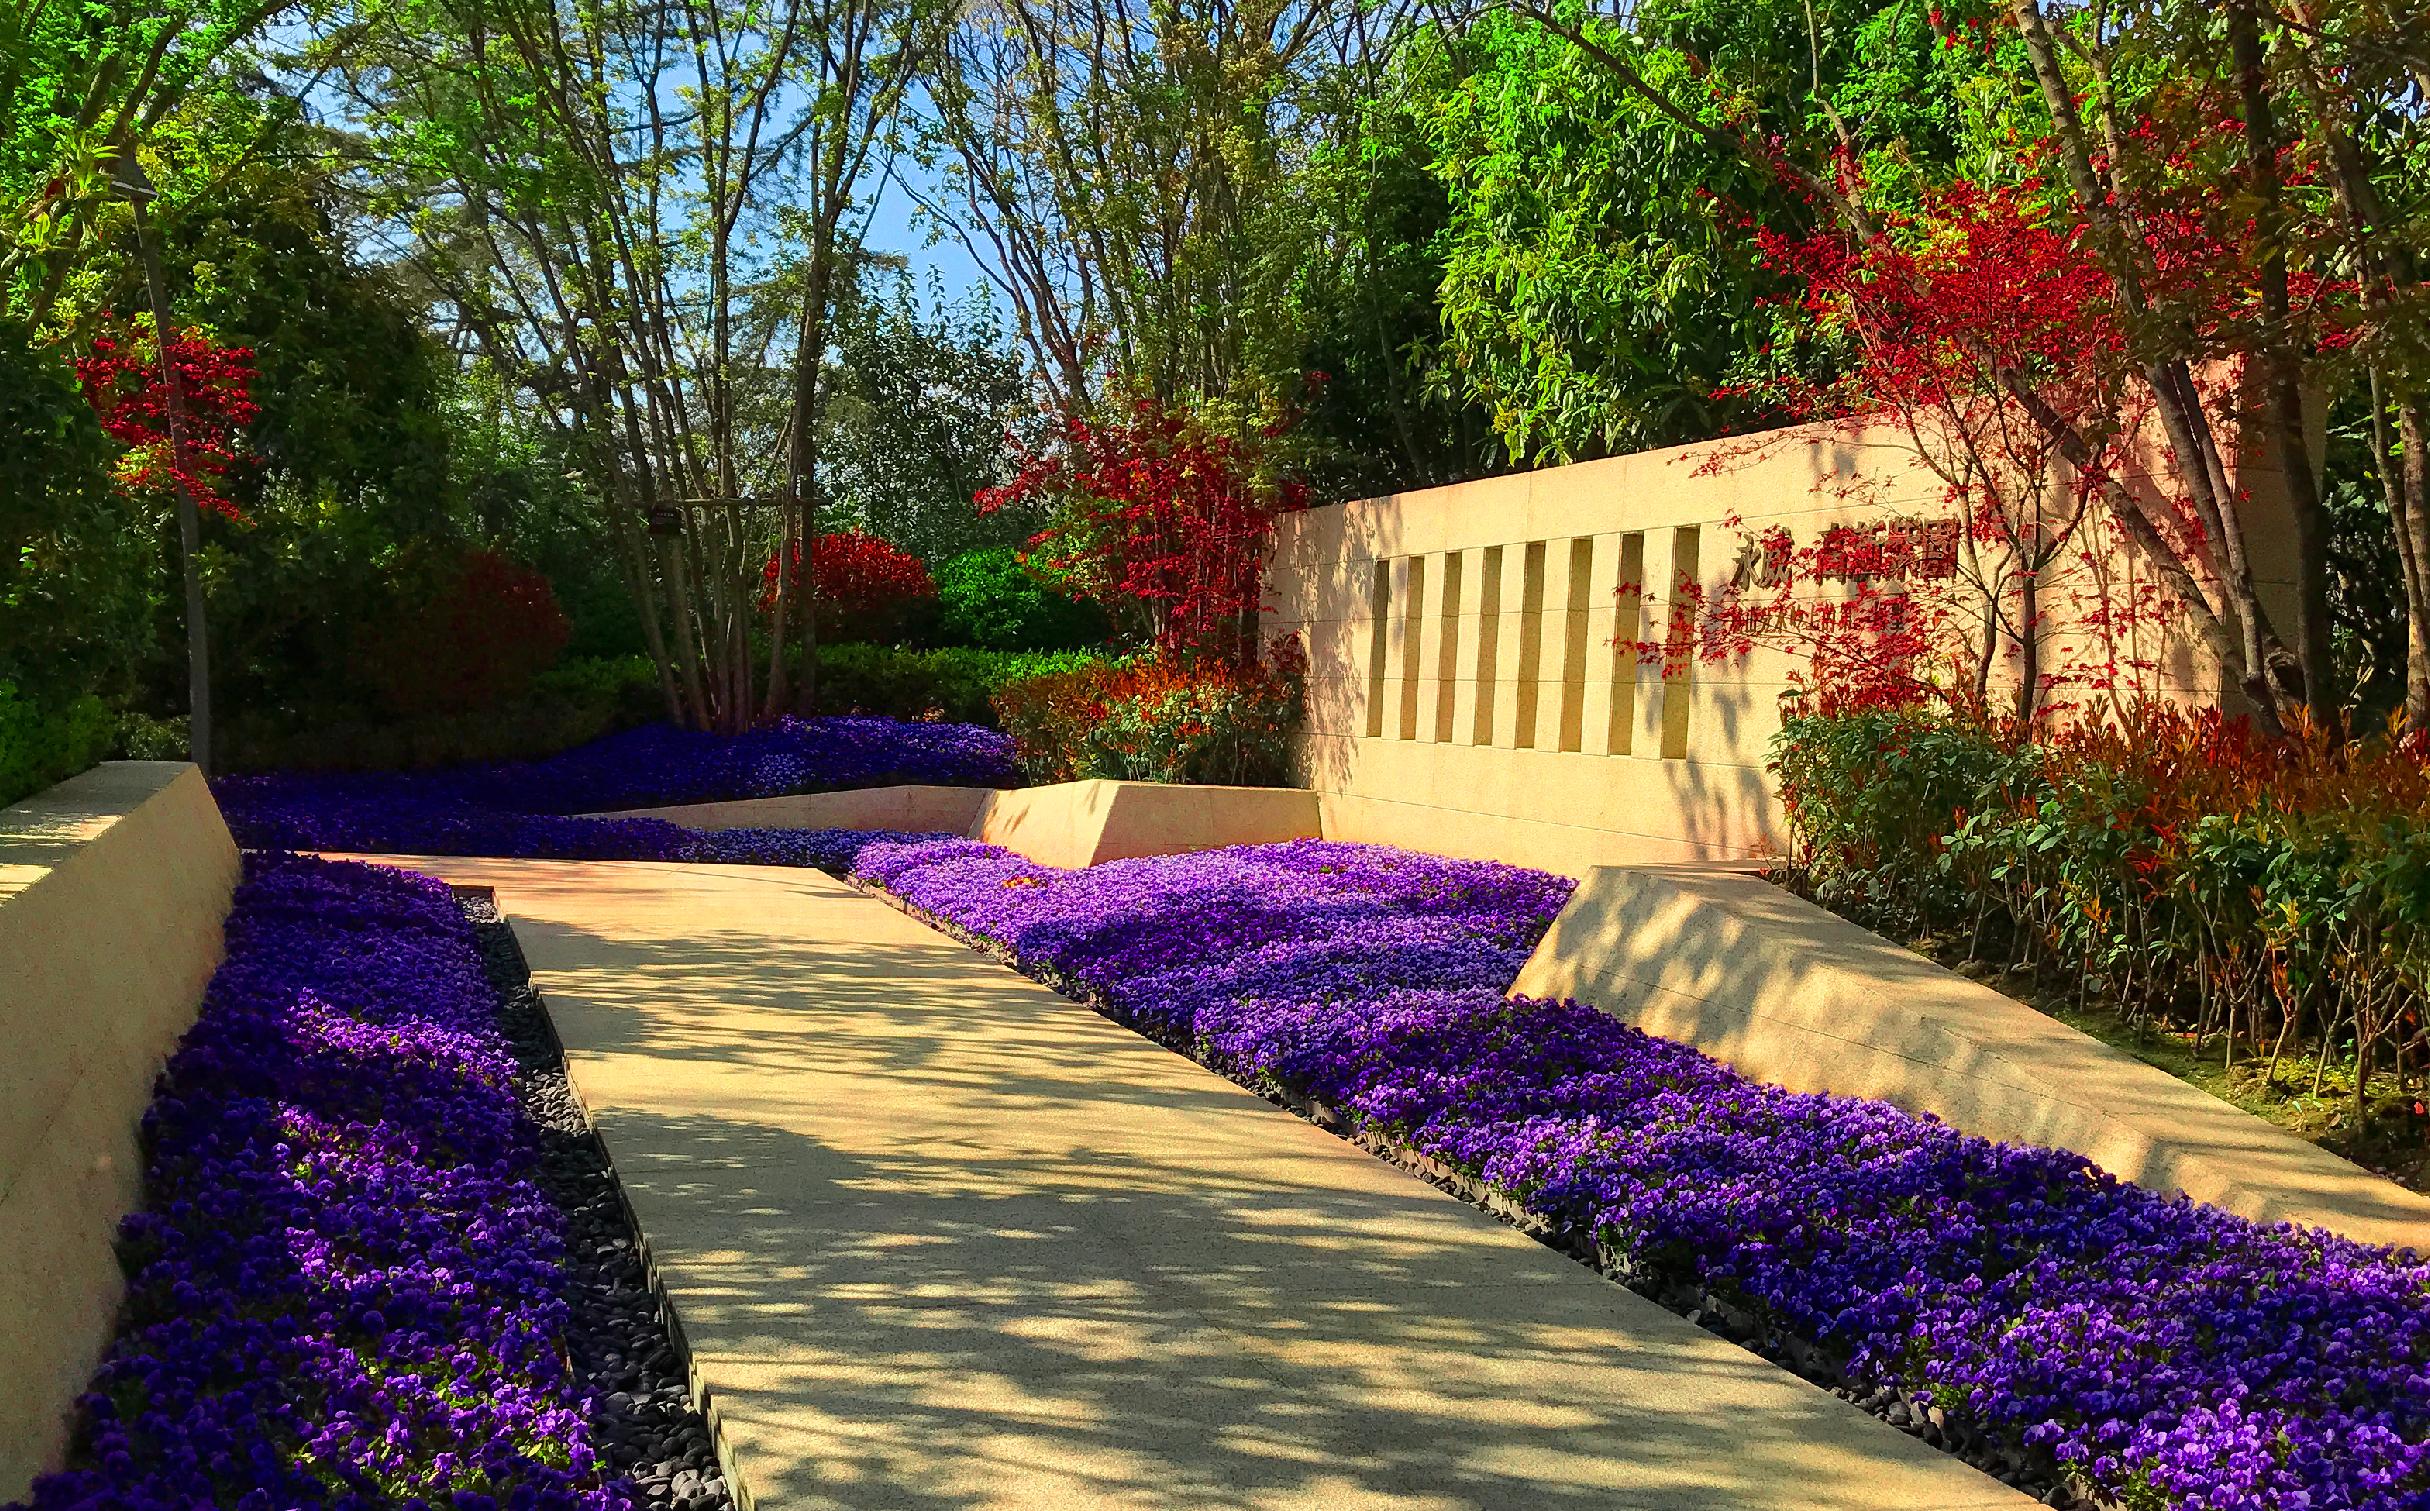 高清|一山一水一庭院别墅人家在永威 紫园艳阳中的美景赏析